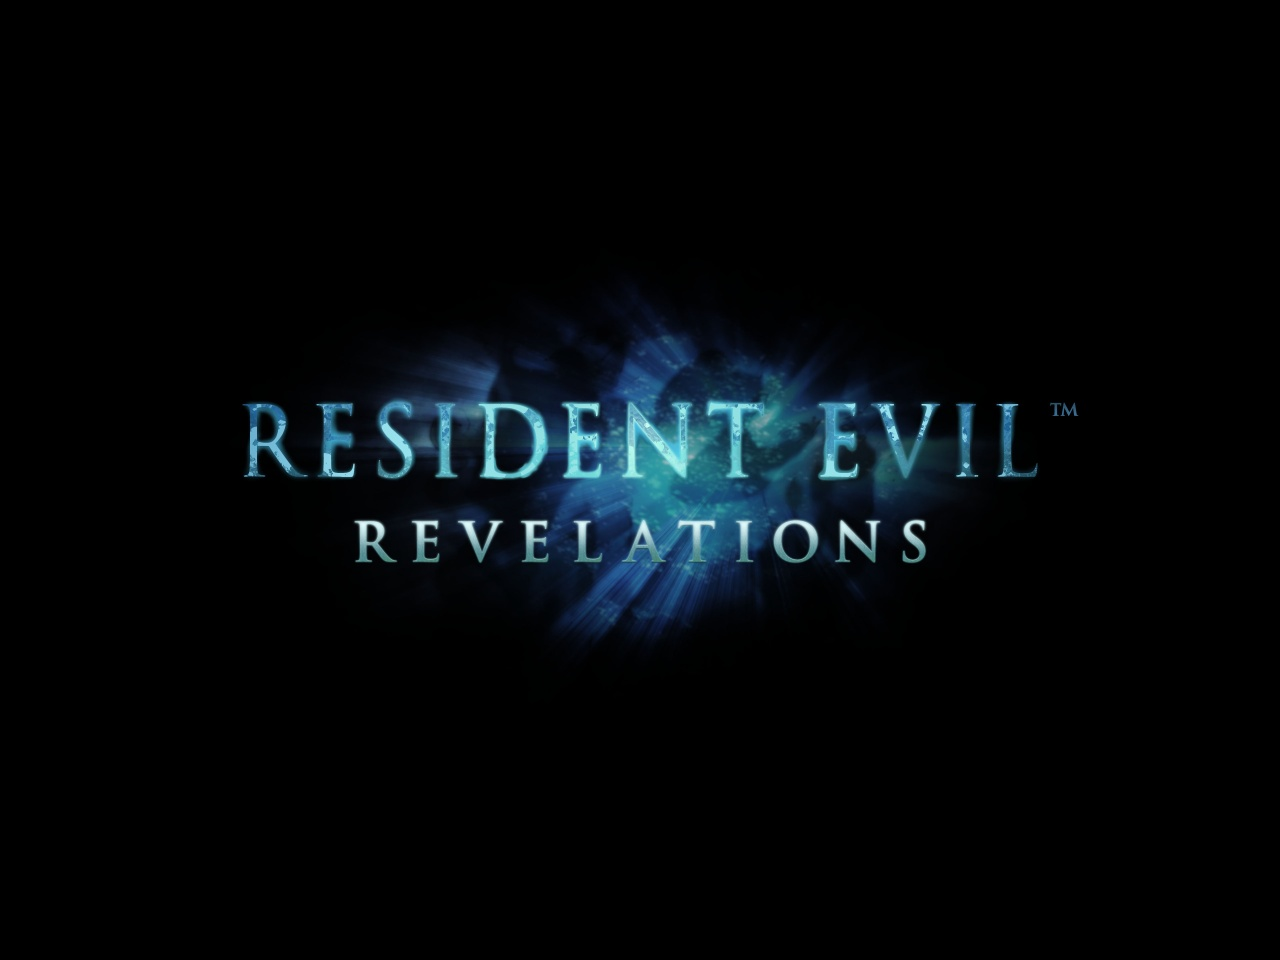 FICHE TECHNIQUE deArmA 2 Editeur:Capcom Développeur :Capcom Type:Survival-horror Genre: Horreur et Action Sortie France:24 mai 2013 En savoir +:16 ans et + SurPlaystation, XBOX, PC, WII U et DS 3D […]